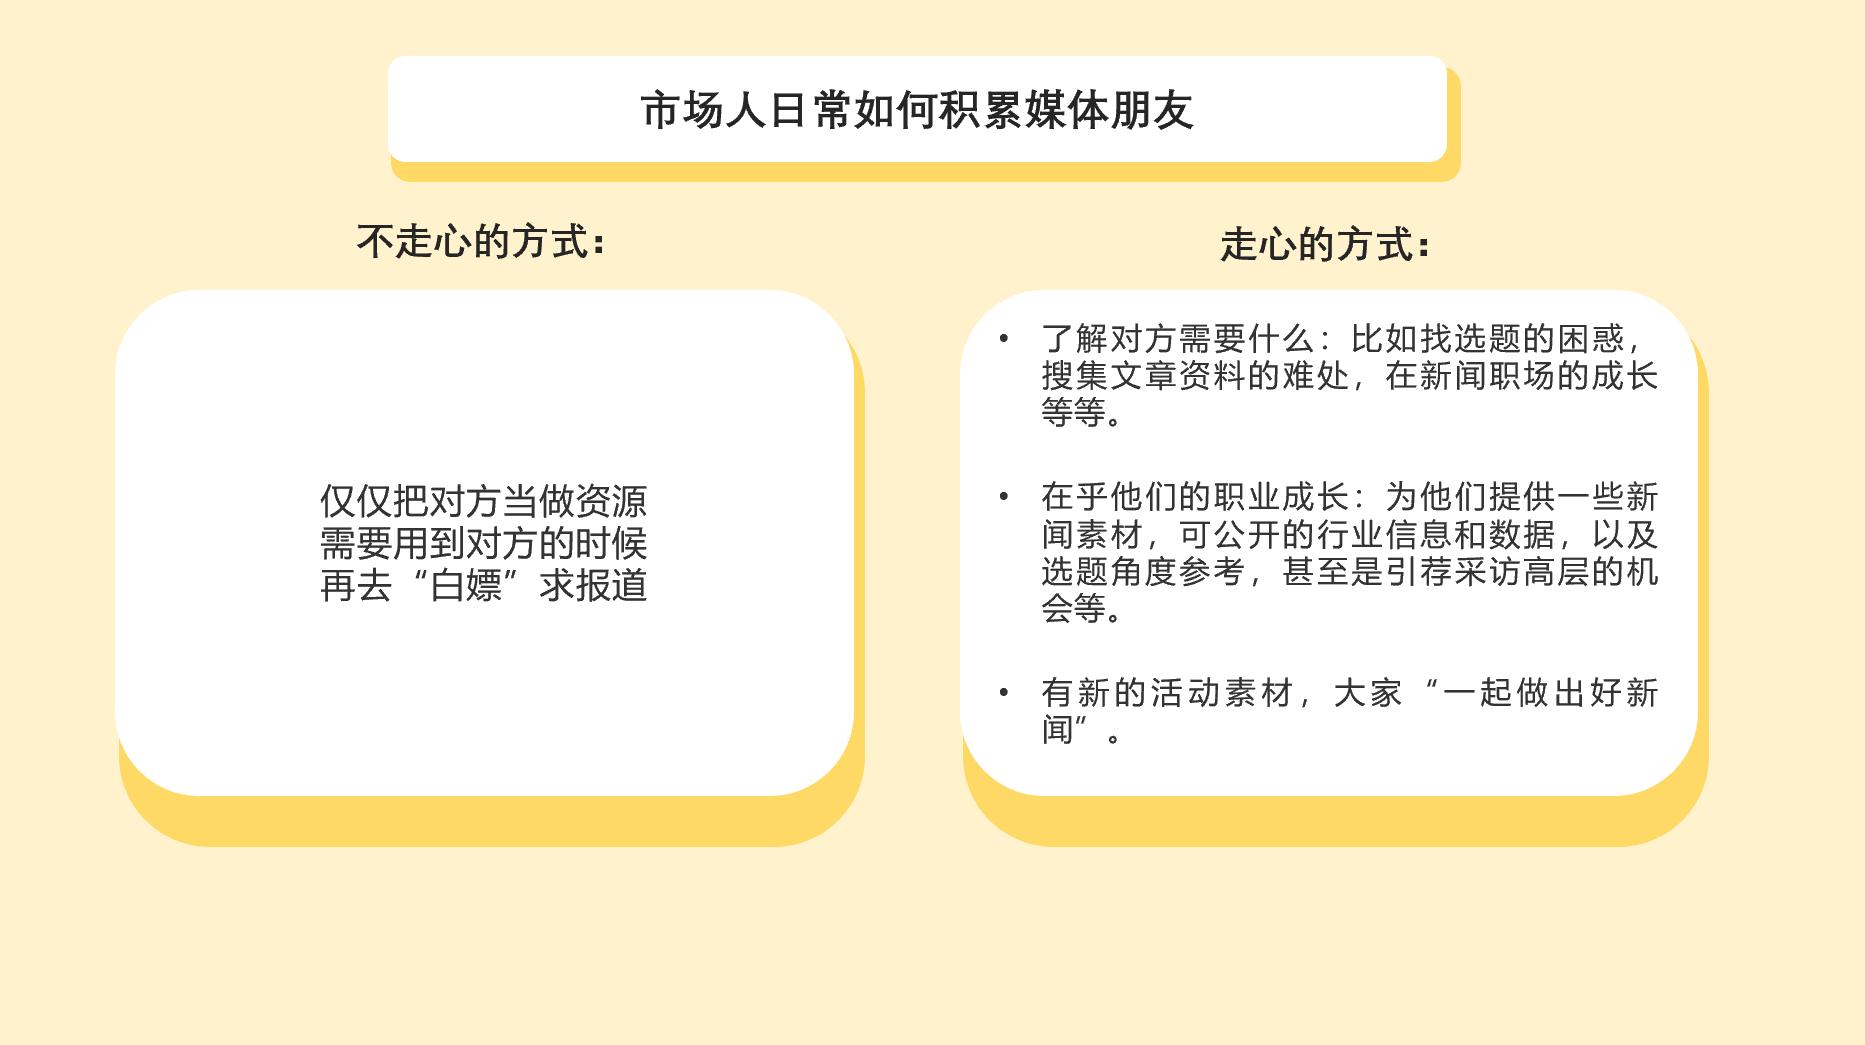 阿里闲鱼的活动推广营销法则!